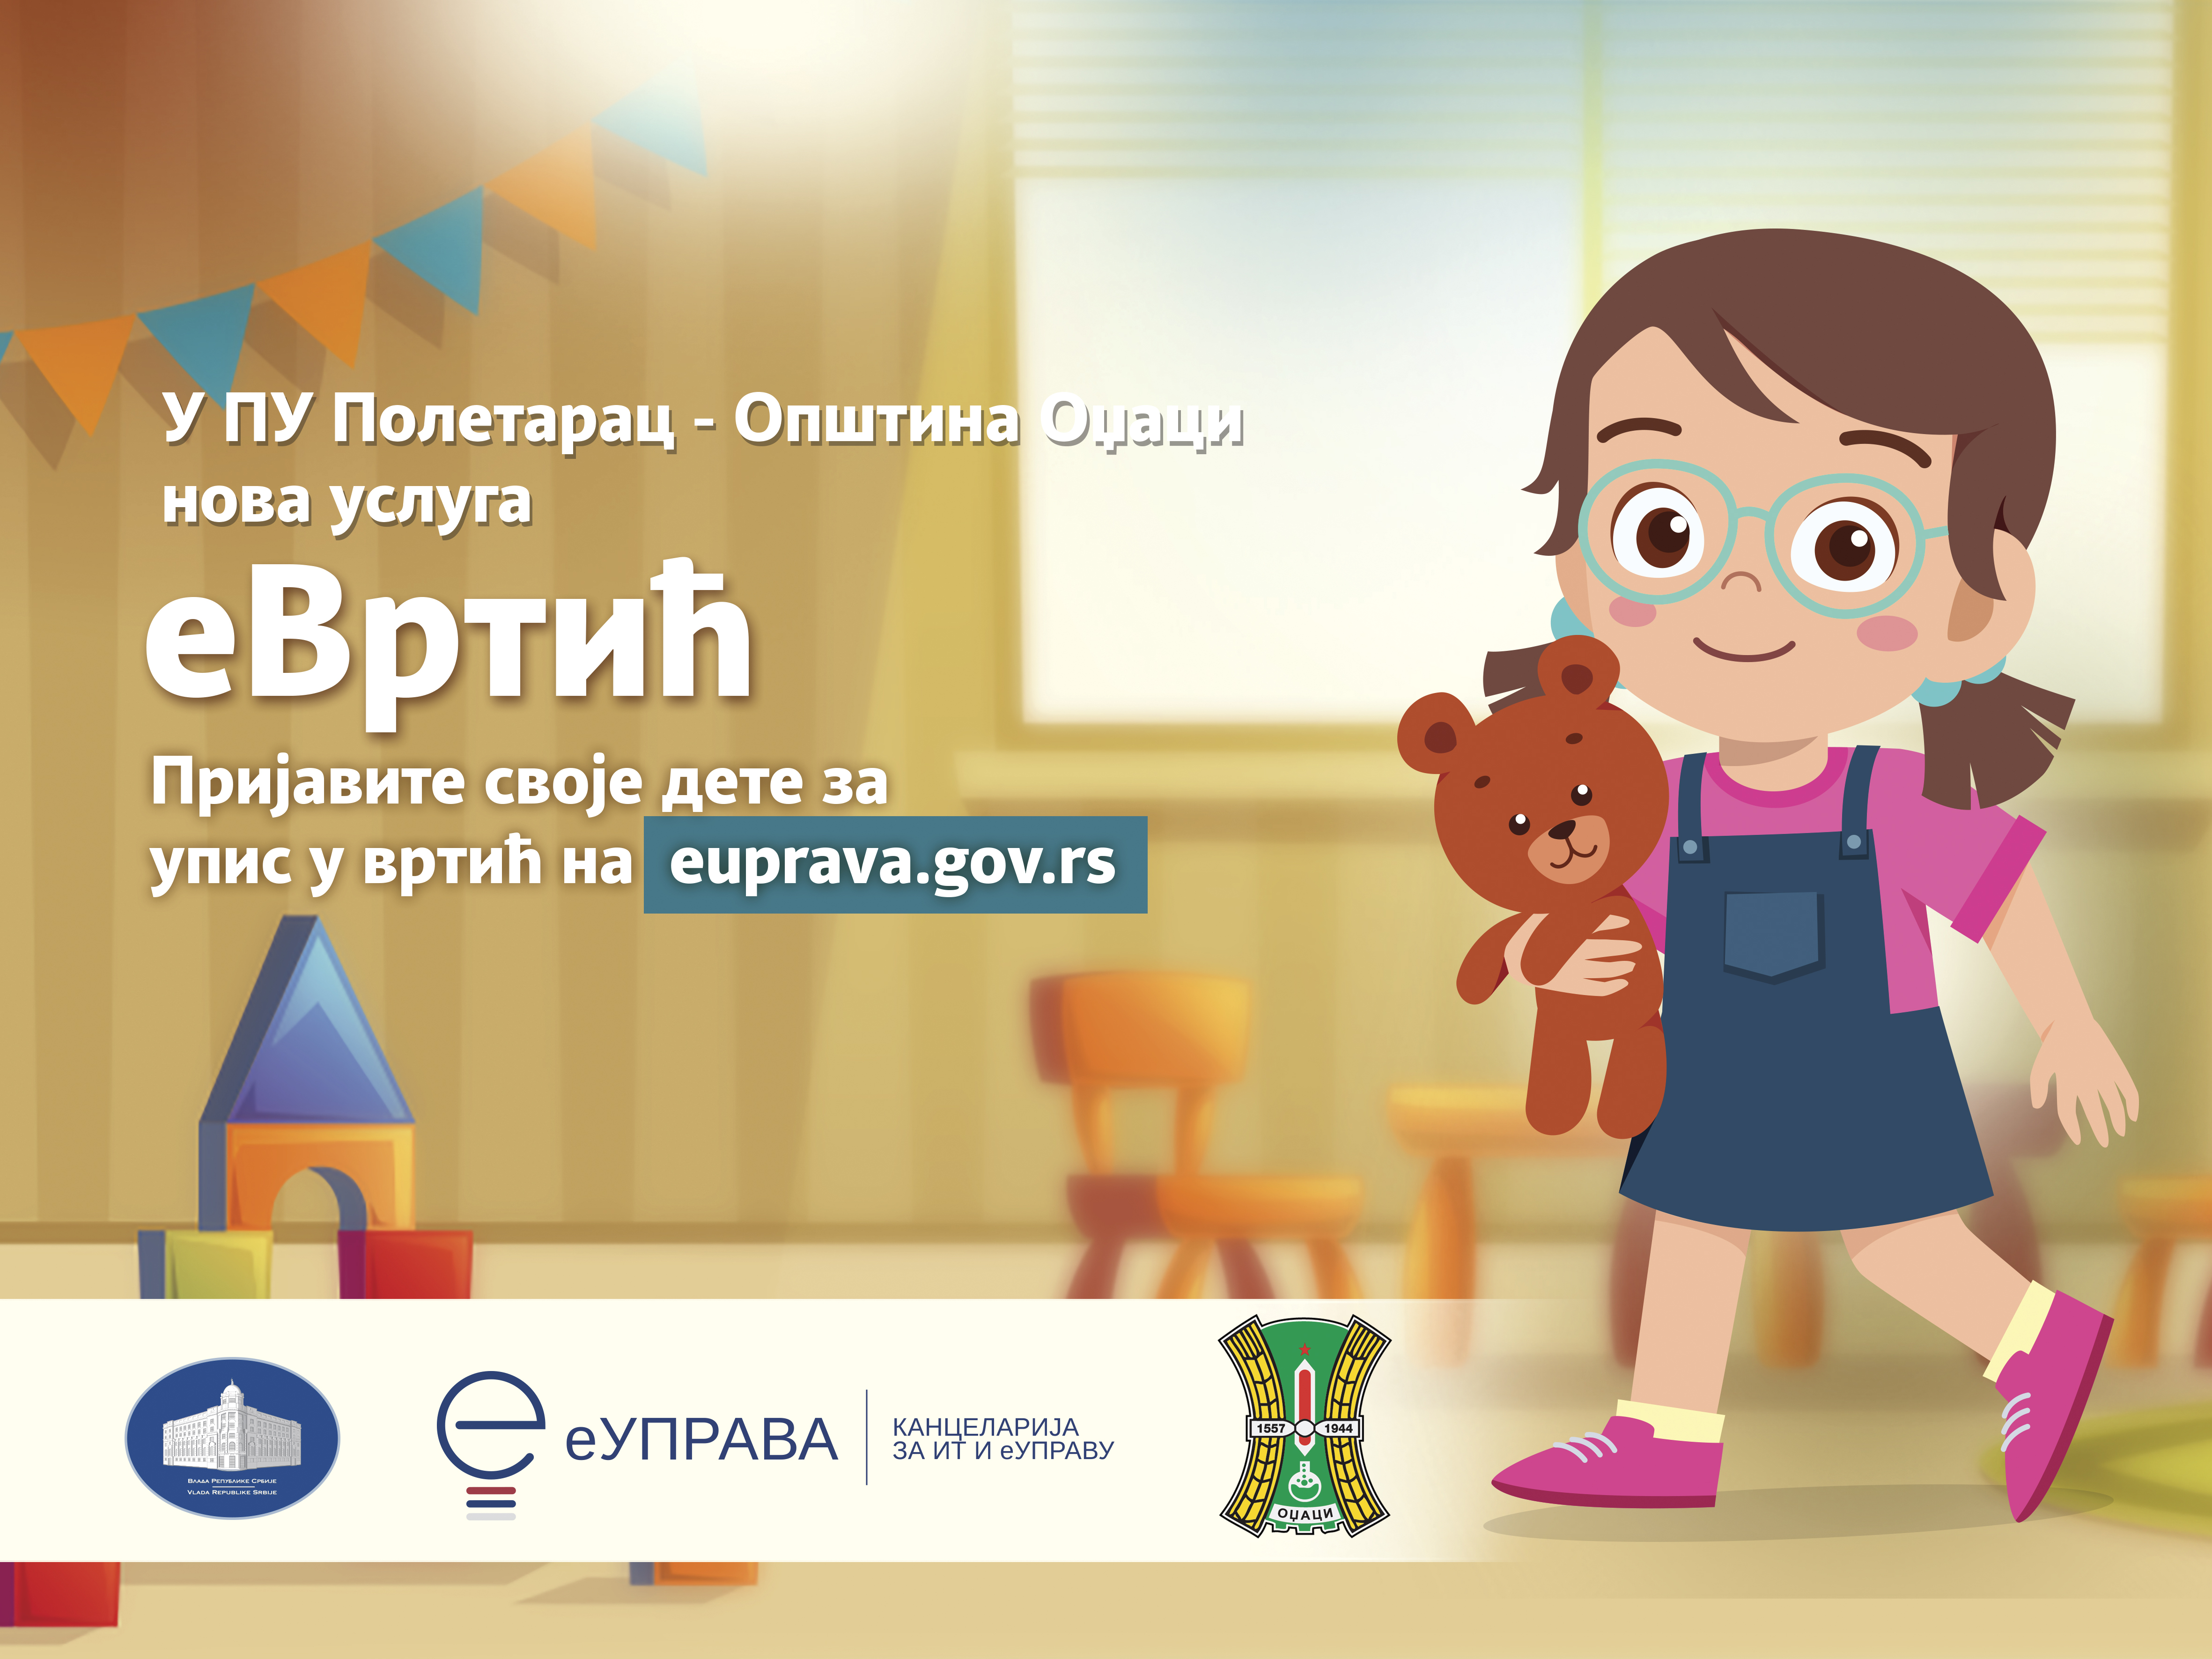 Од сада могућа пријава деце у Вртић електронски и у општини Оџаци